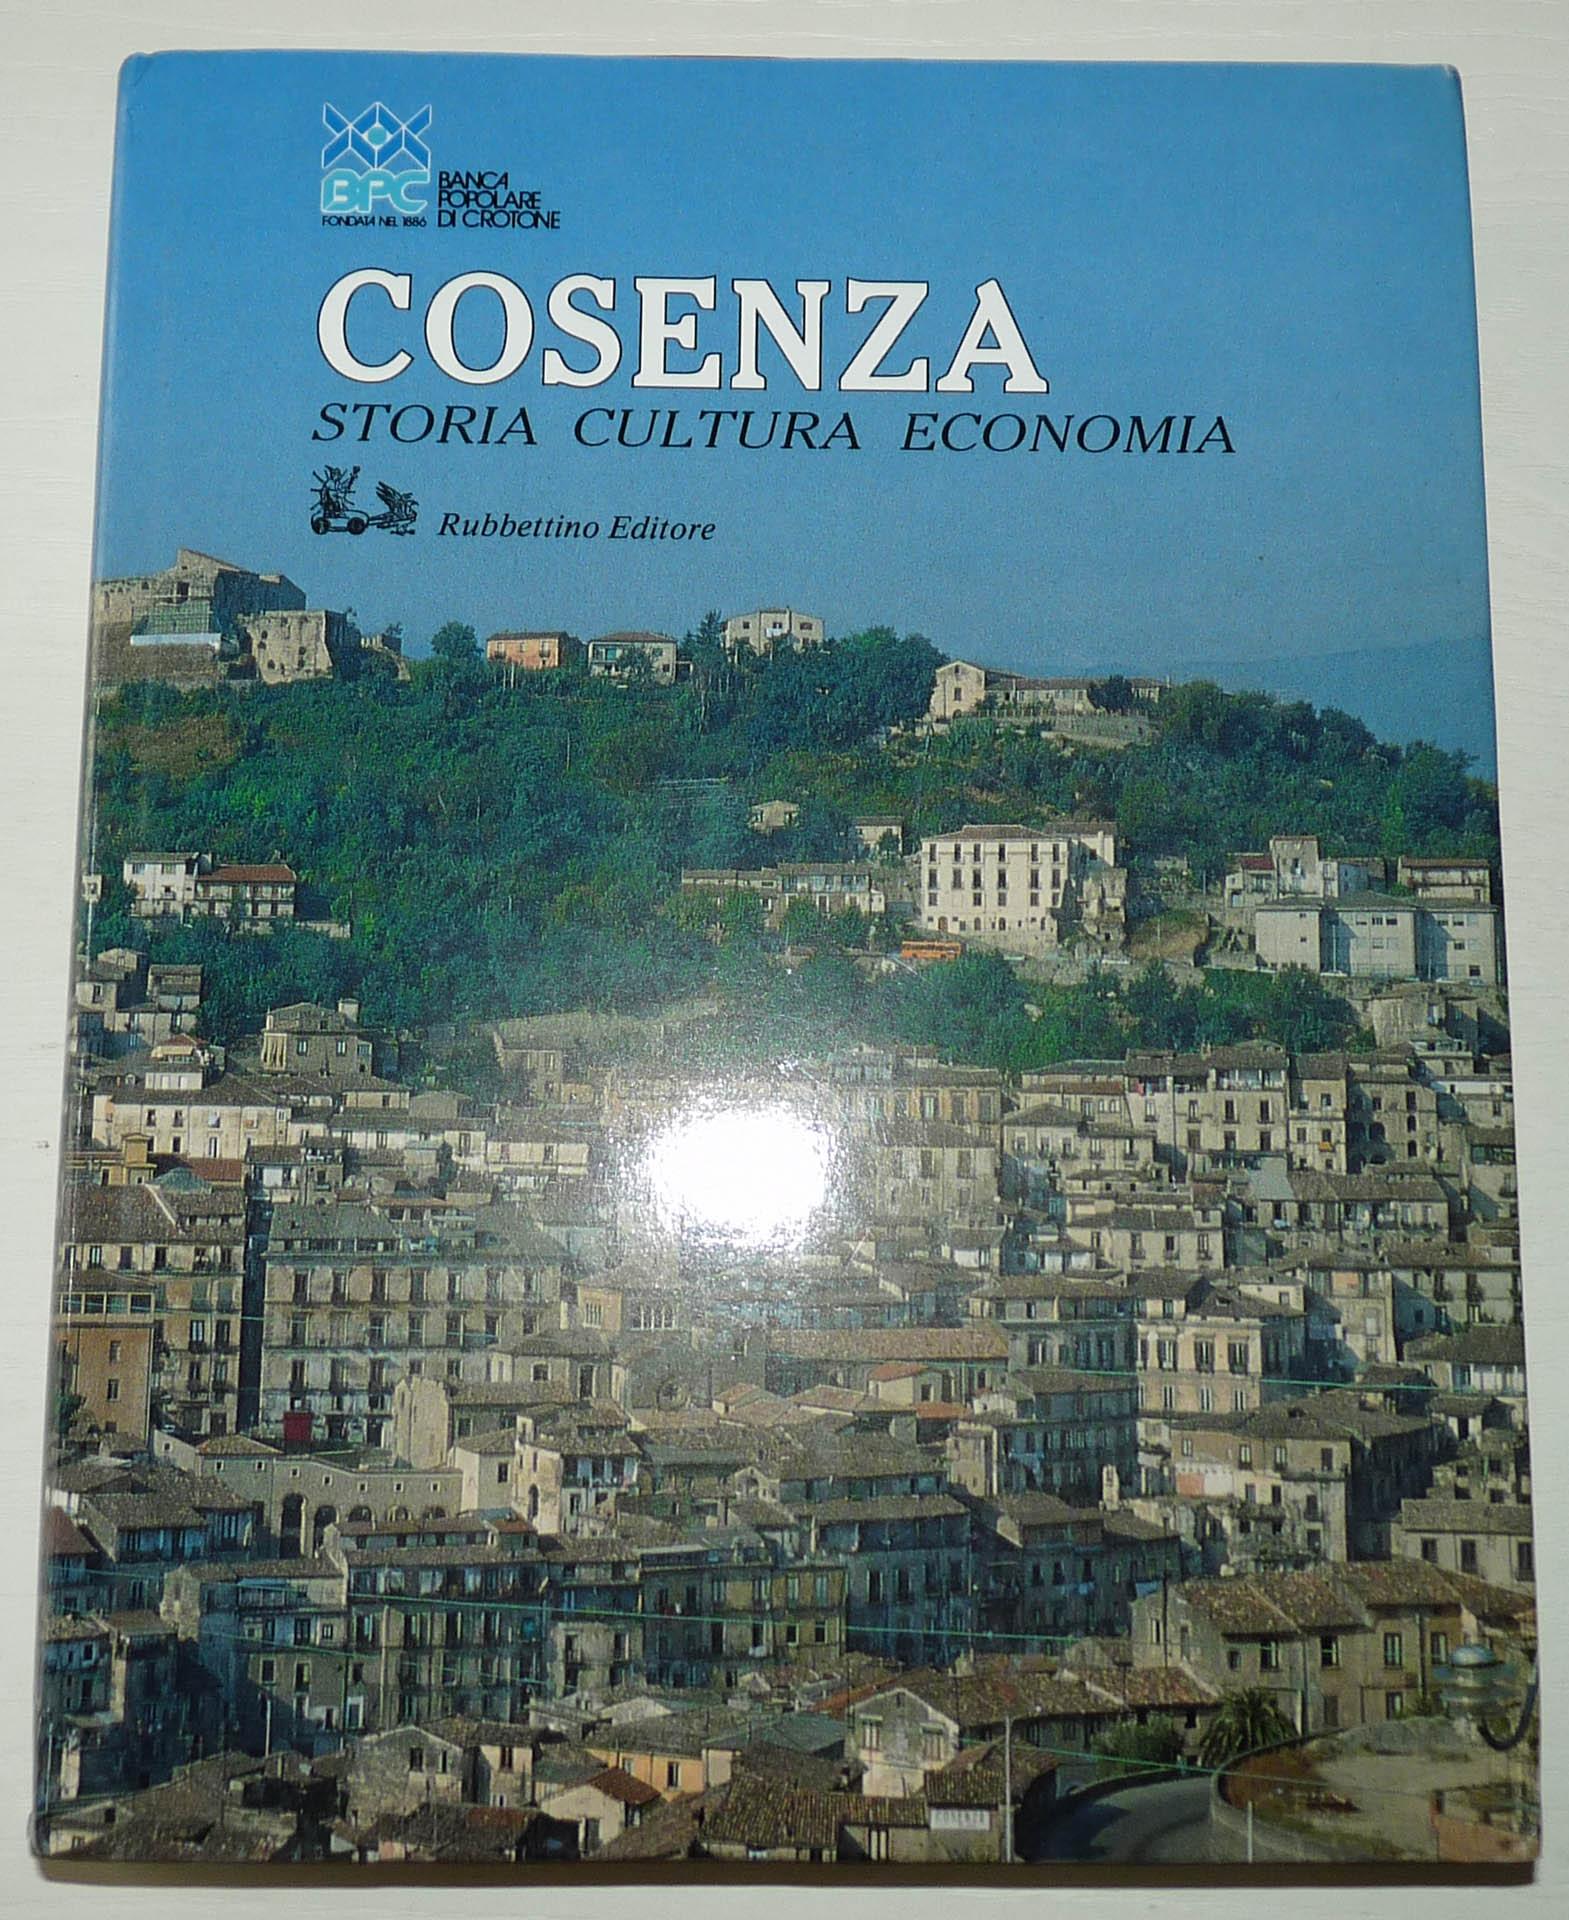 COSENZA. Storia, cultura, economia.